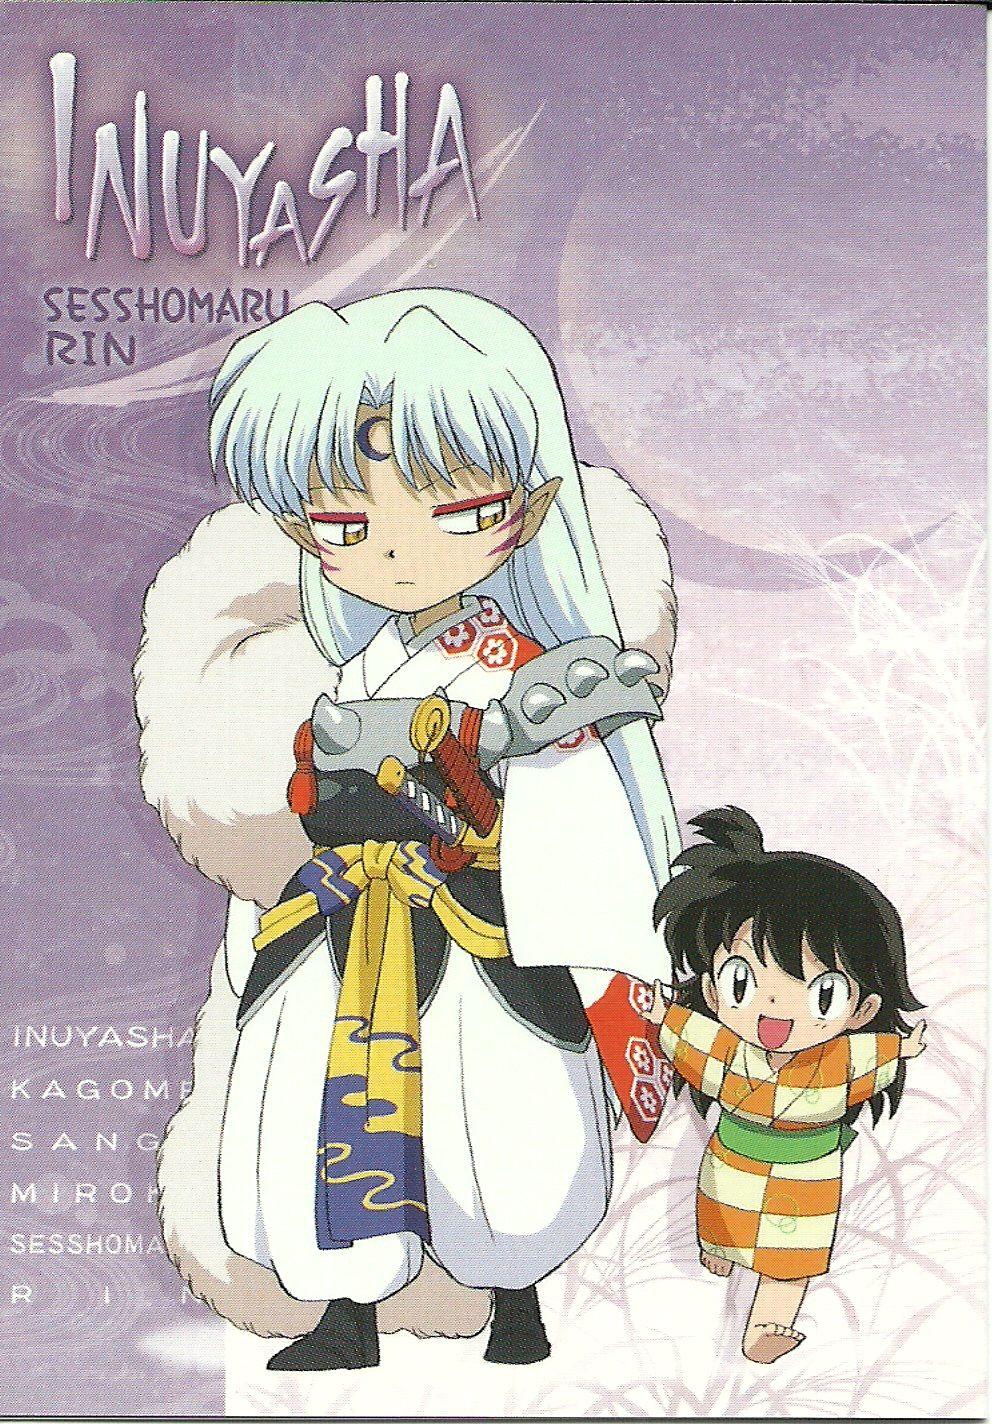 Inuyasha Sesshomaru & Rin Kawaii, Tenten naruto, Manga